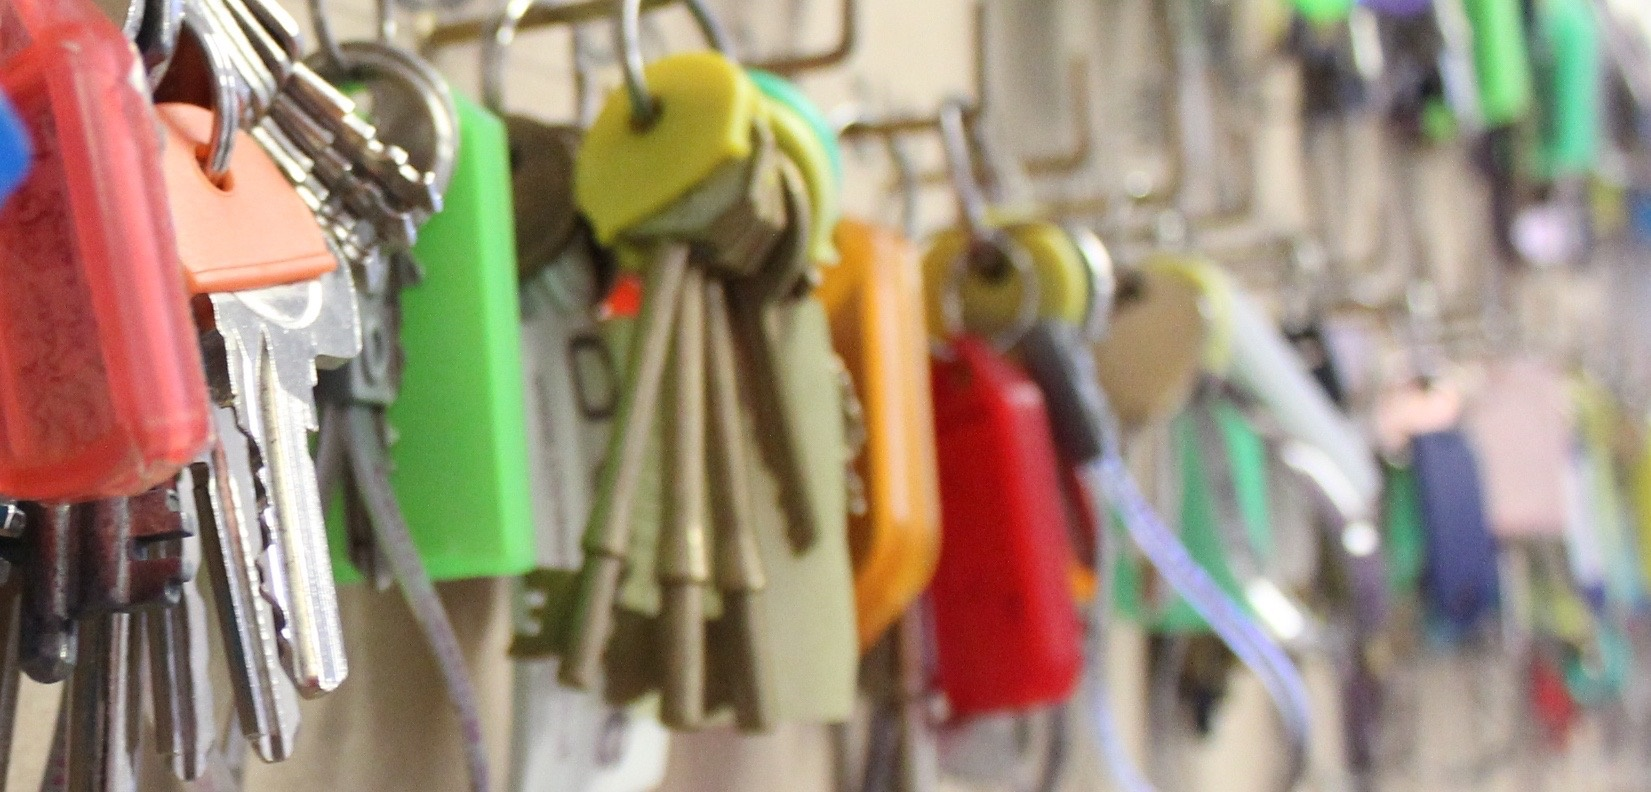 coloure keys